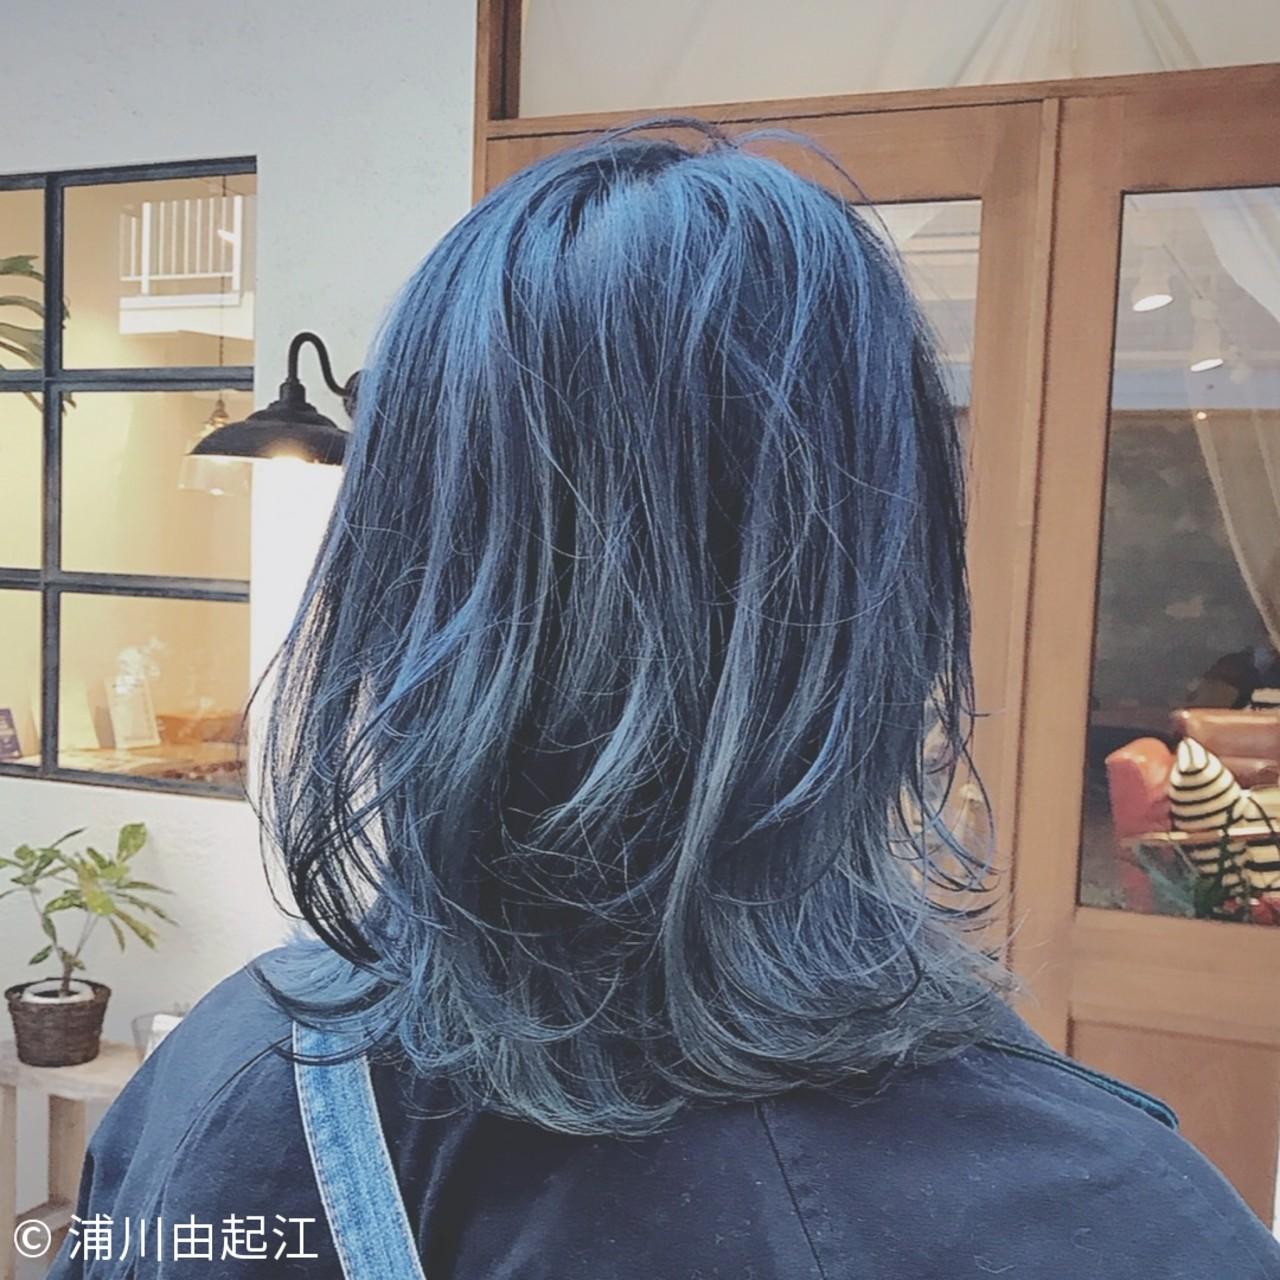 デート 大人かわいい インナーカラー ゆるふわ ヘアスタイルや髪型の写真・画像 | 浦川由起江 / nanon